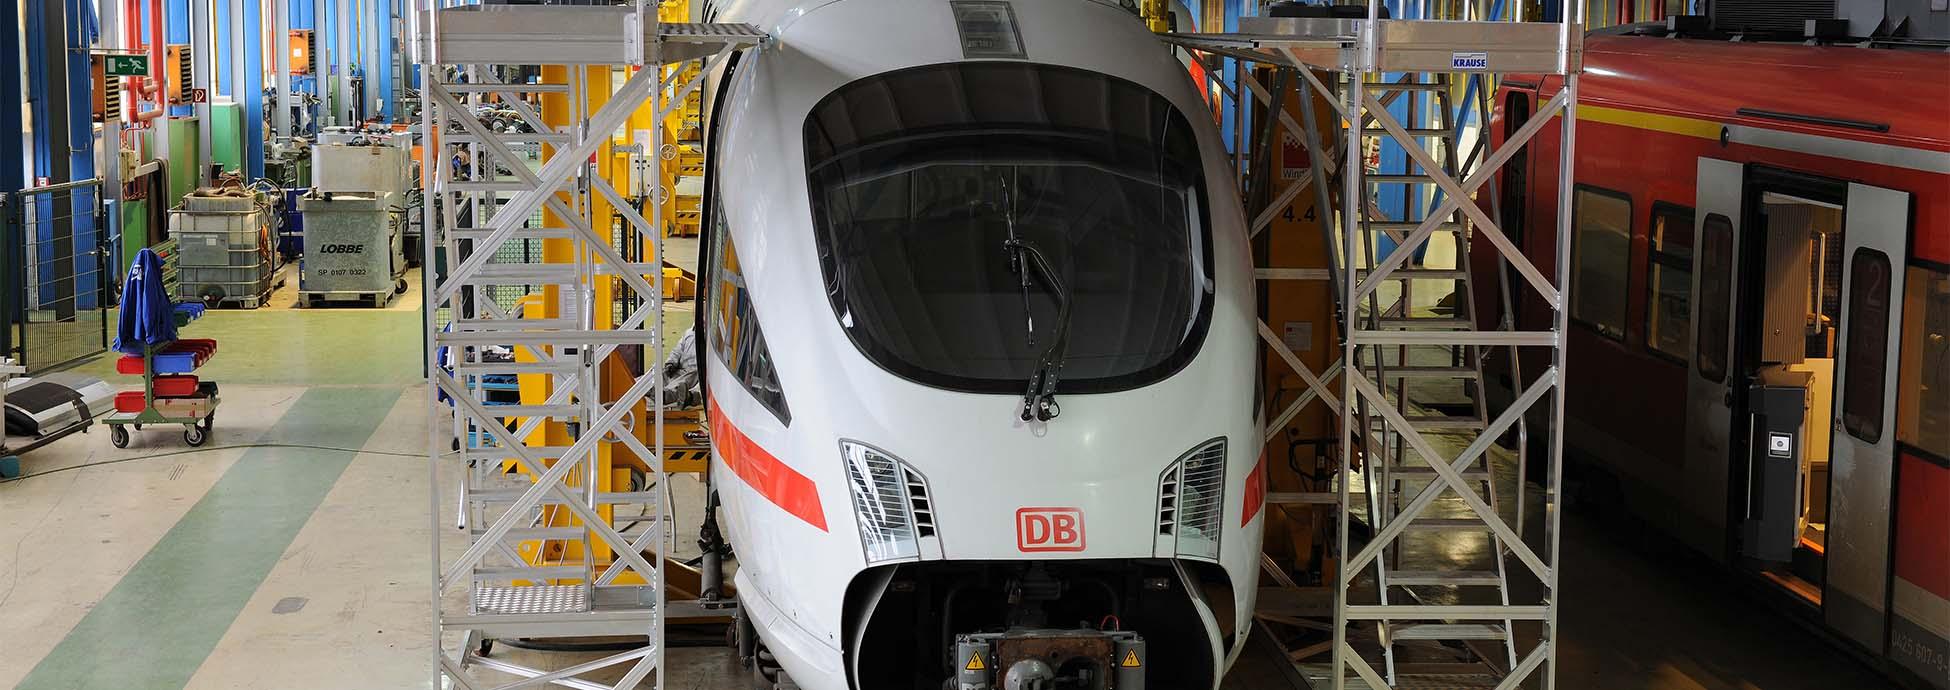 Aluminiowa jezdna platforma robocza do prac konserwacyjnych prowadzonych na dachu pojazdów szynowych